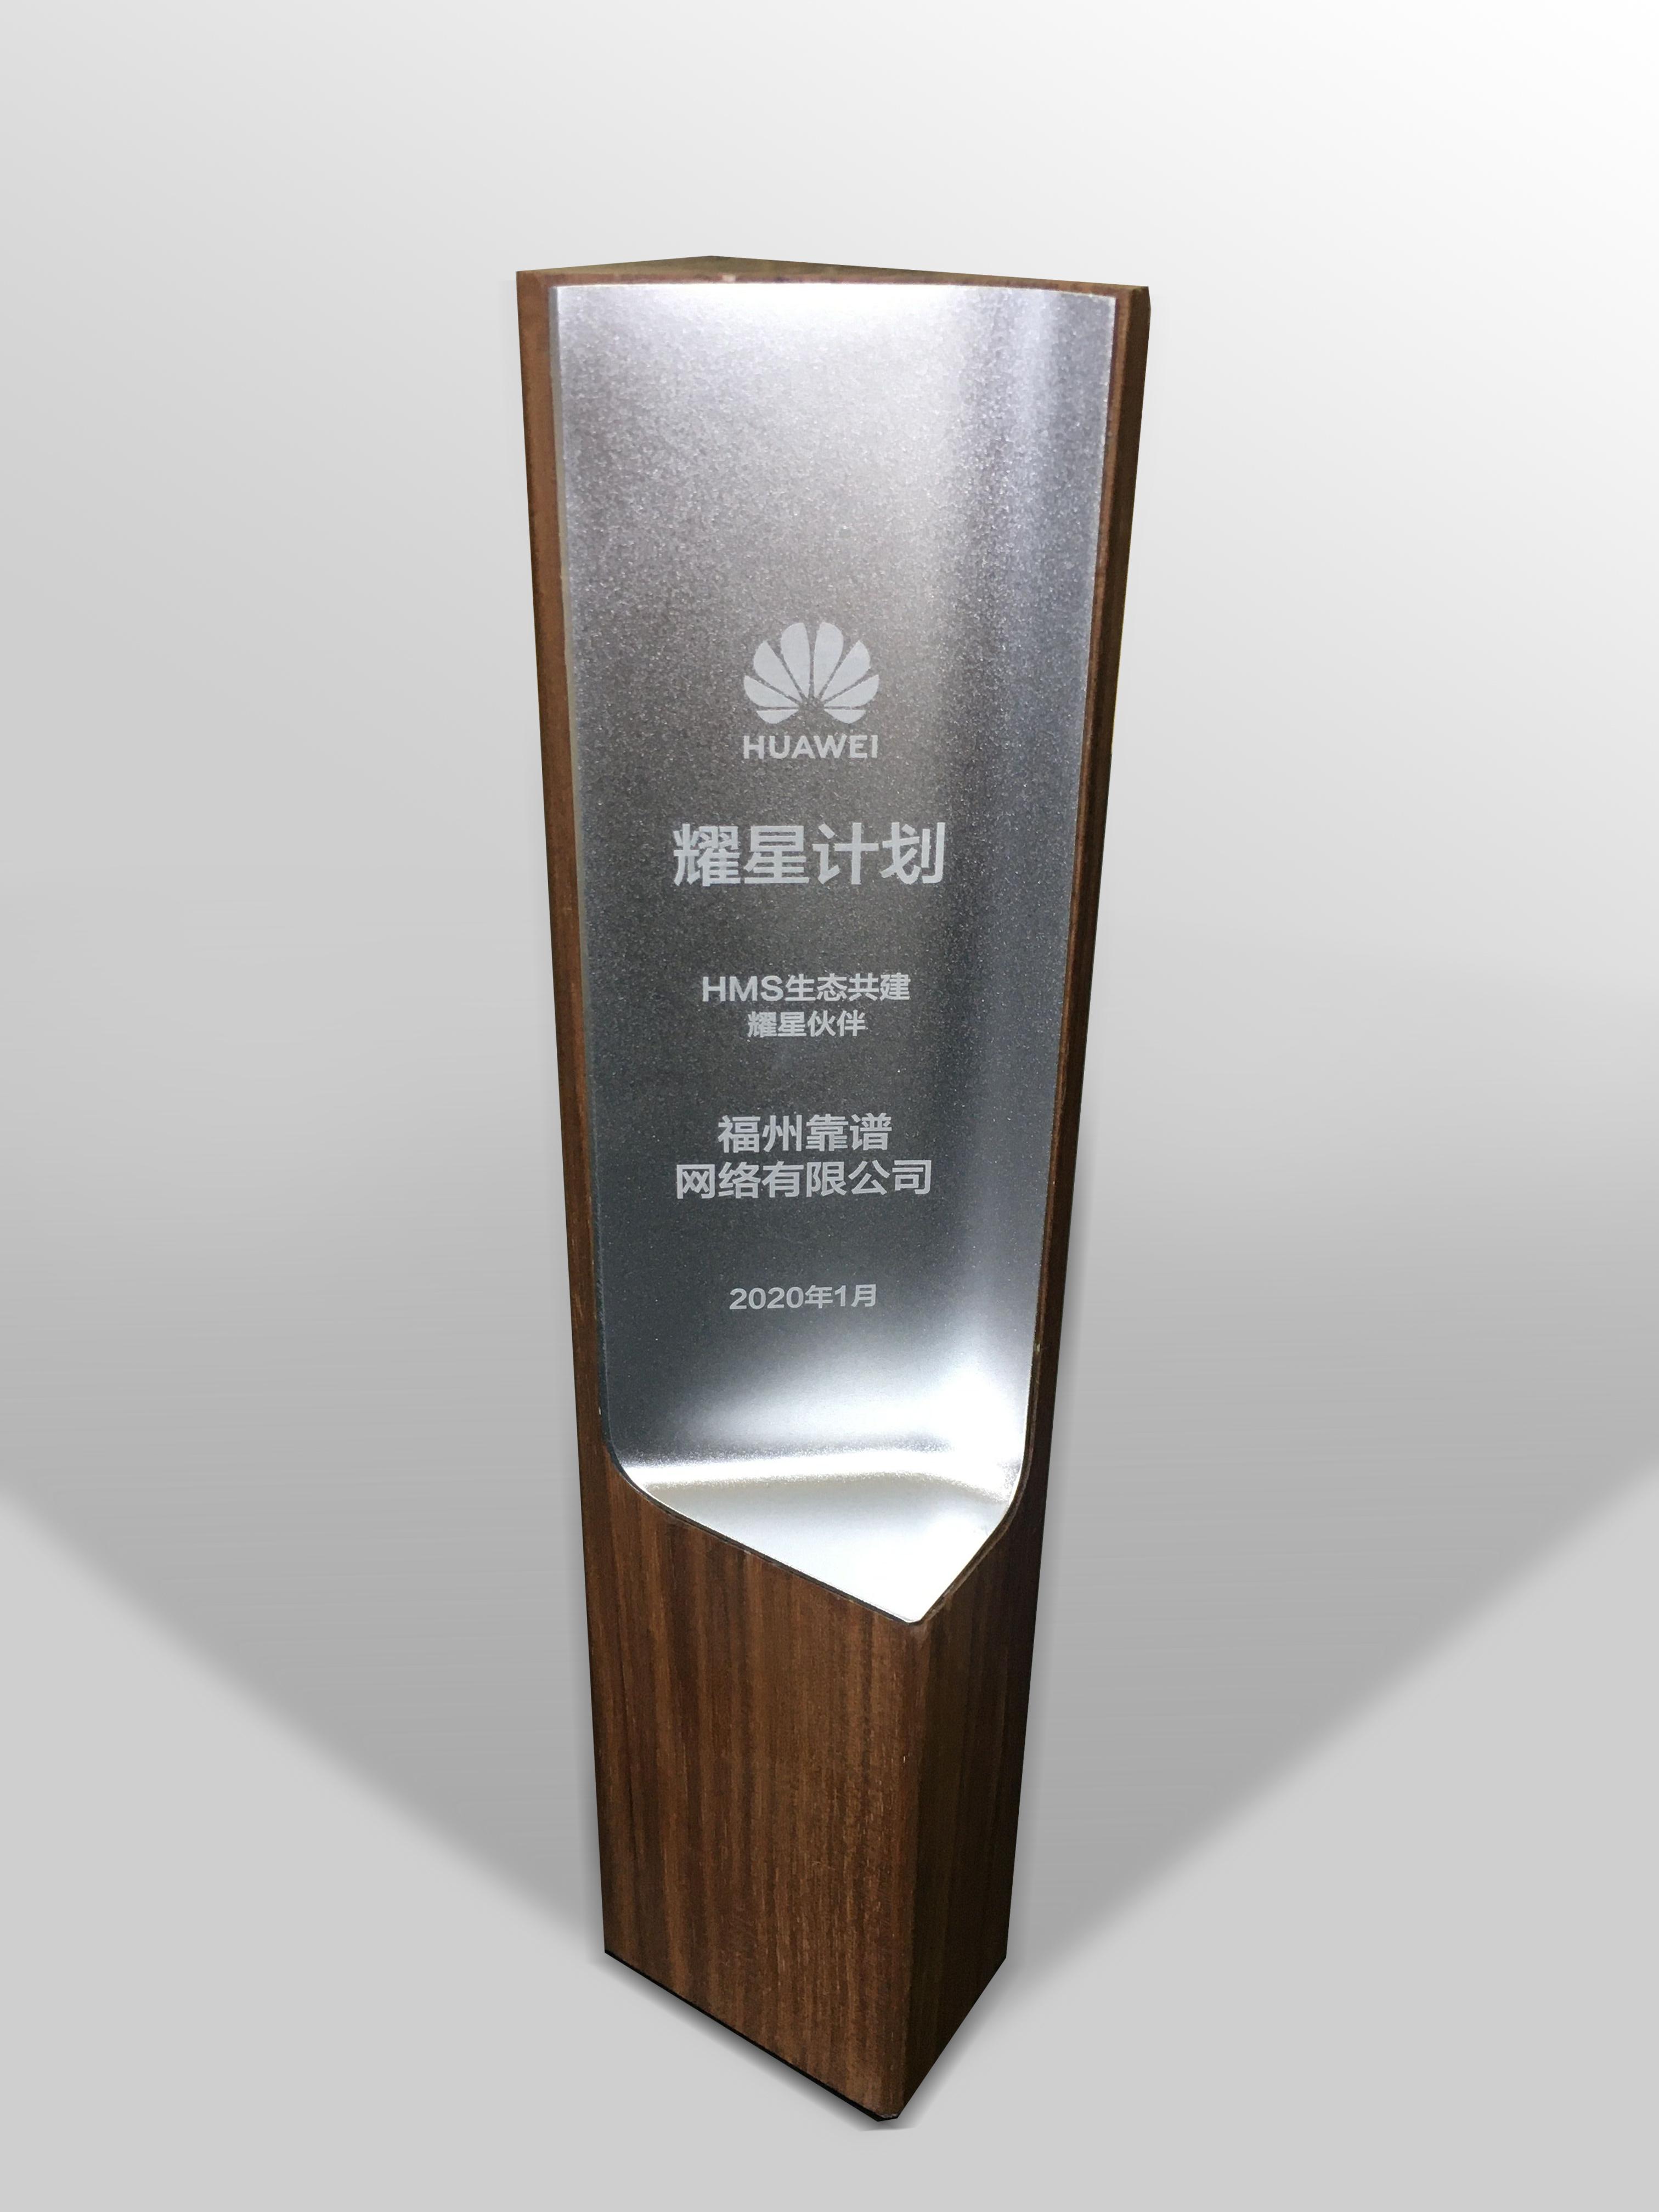 靠谱网络荣获华为年度最佳耀星伙伴奖